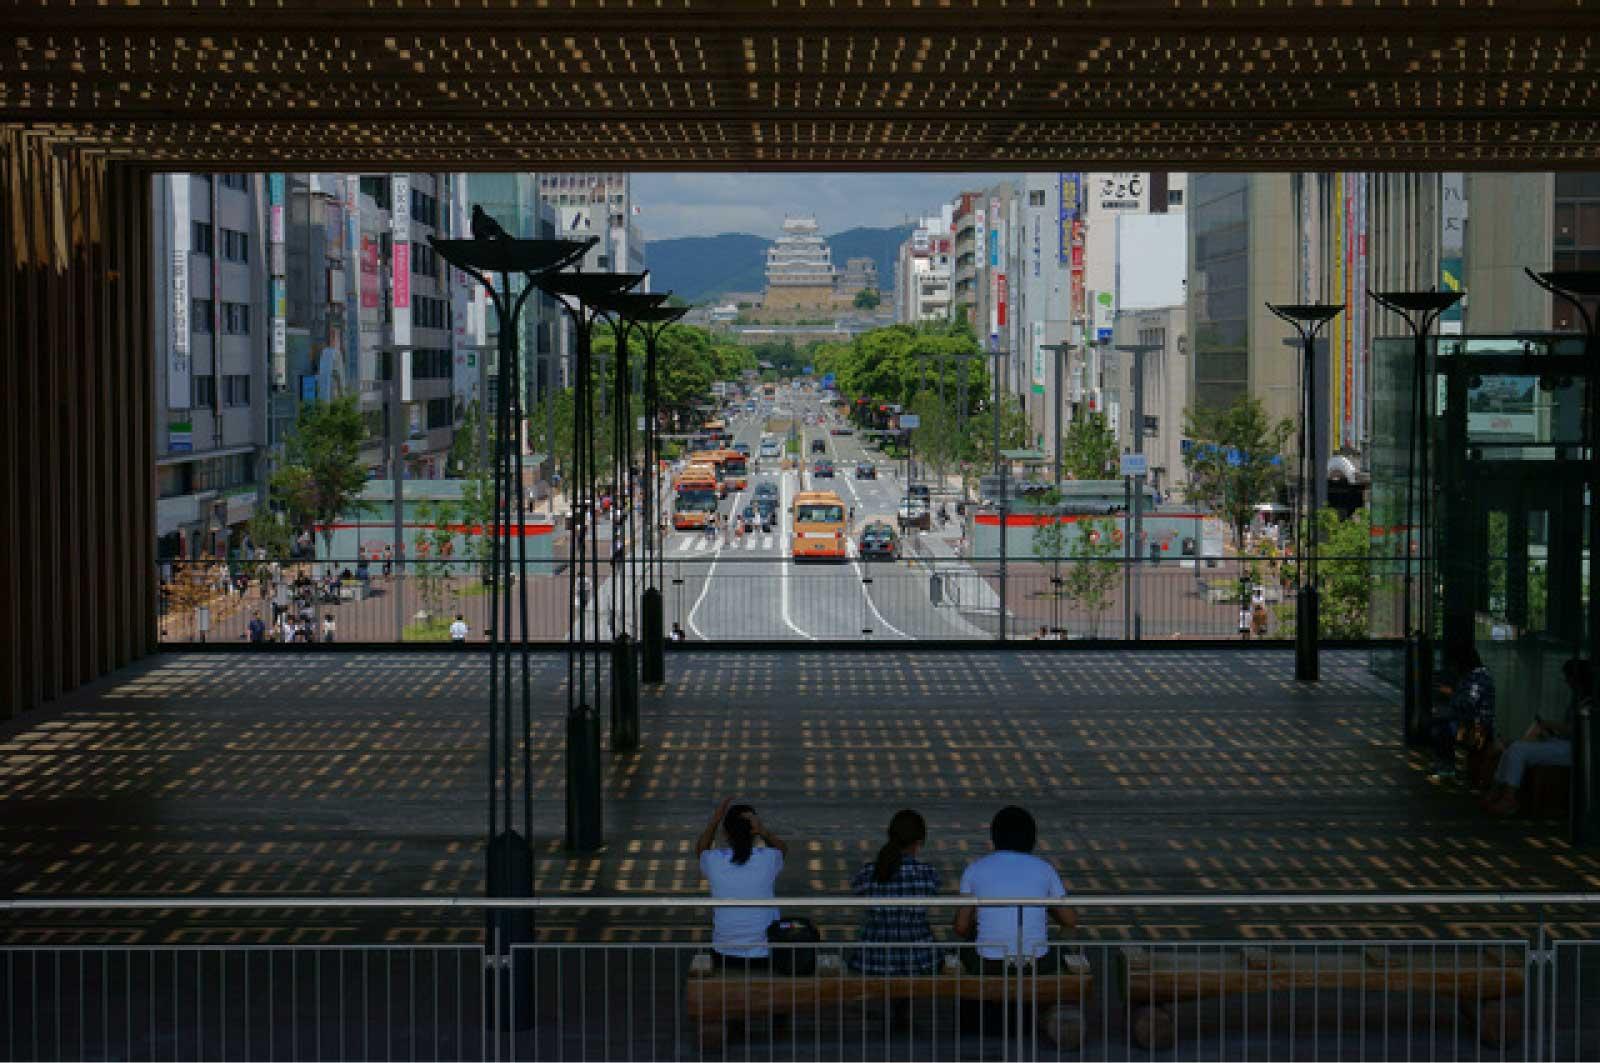 姫路駅と姫路城